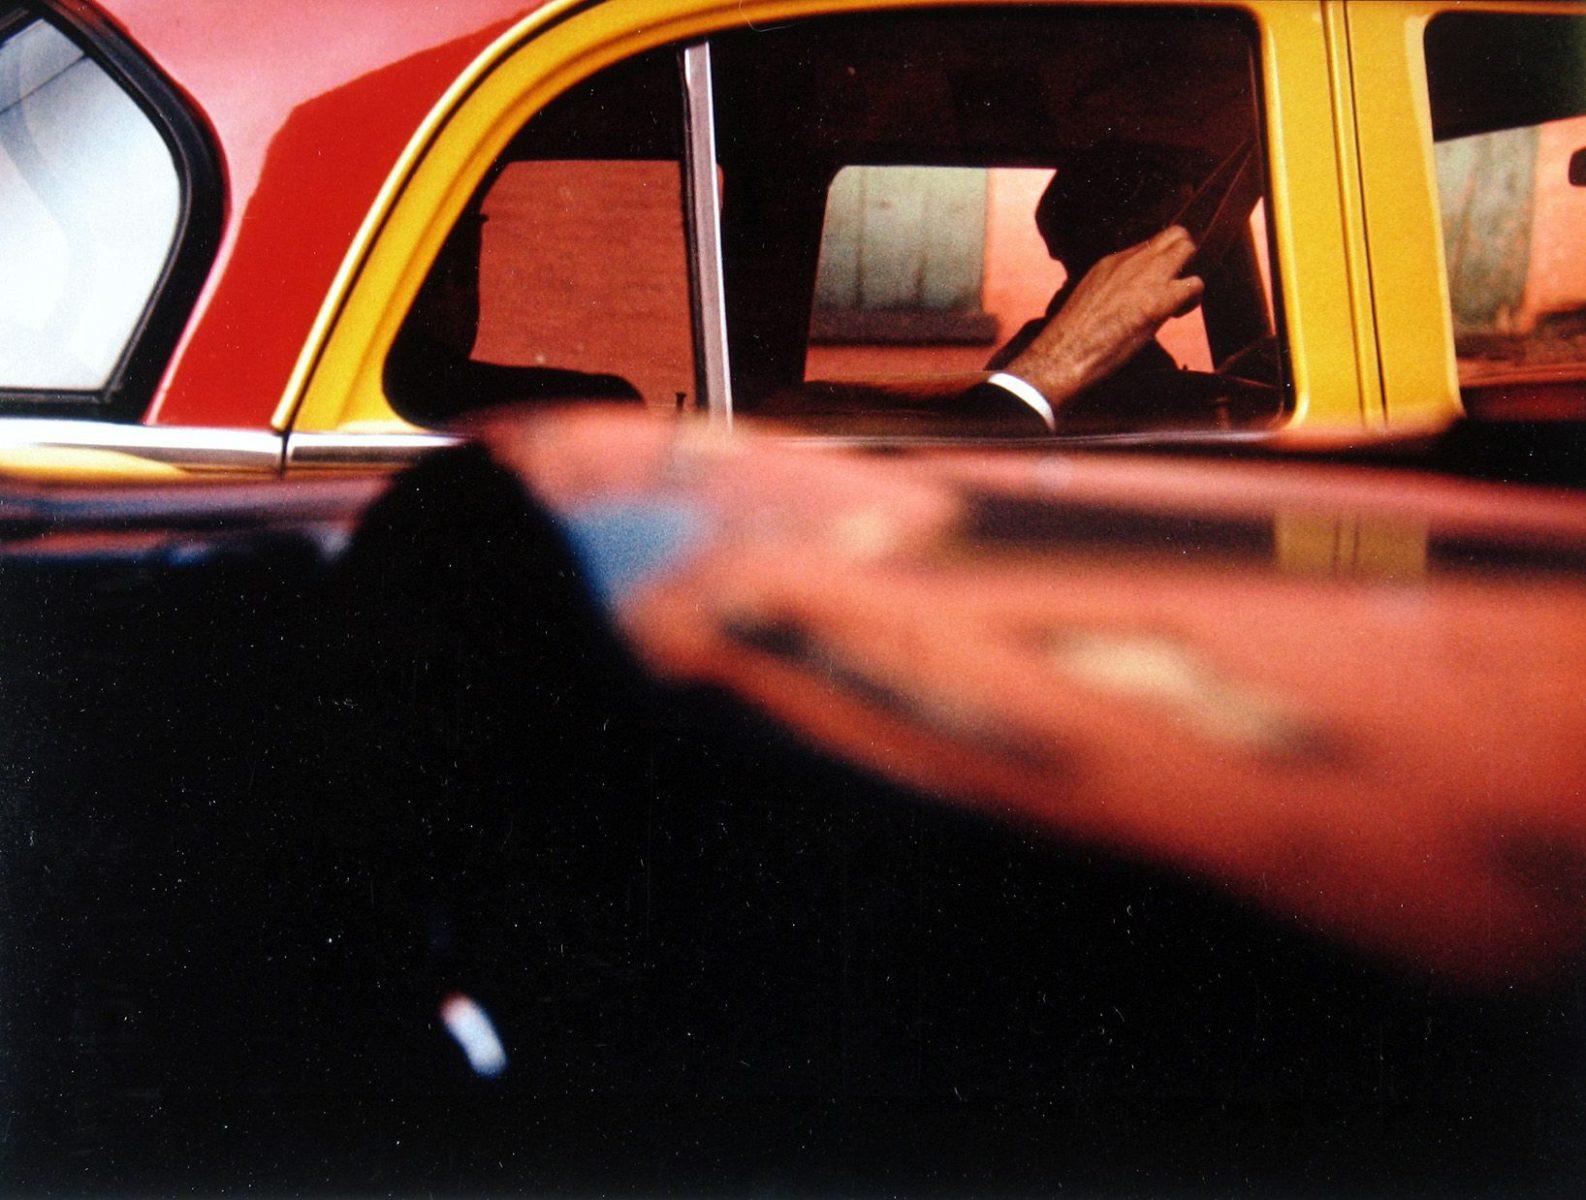 彩色摄影,美国纽约的出租车,1957年,索尔·莱特摄